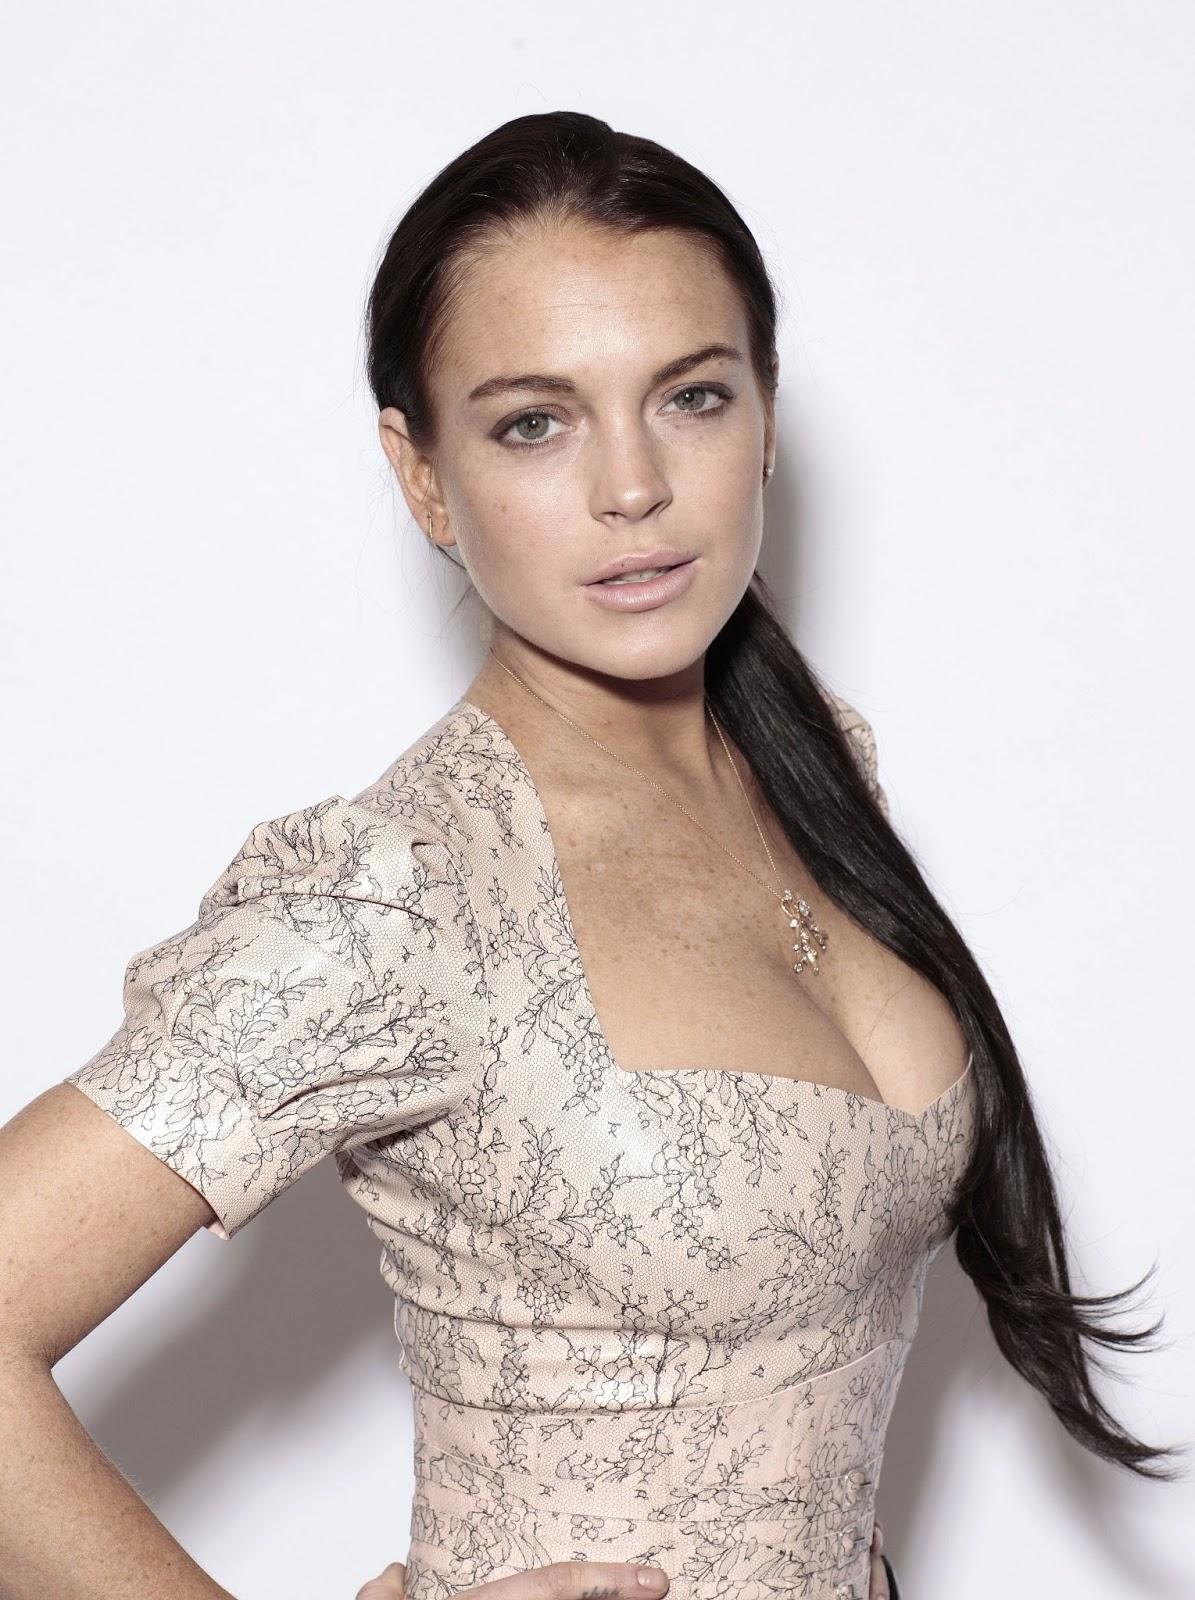 lindsay lohan actress images